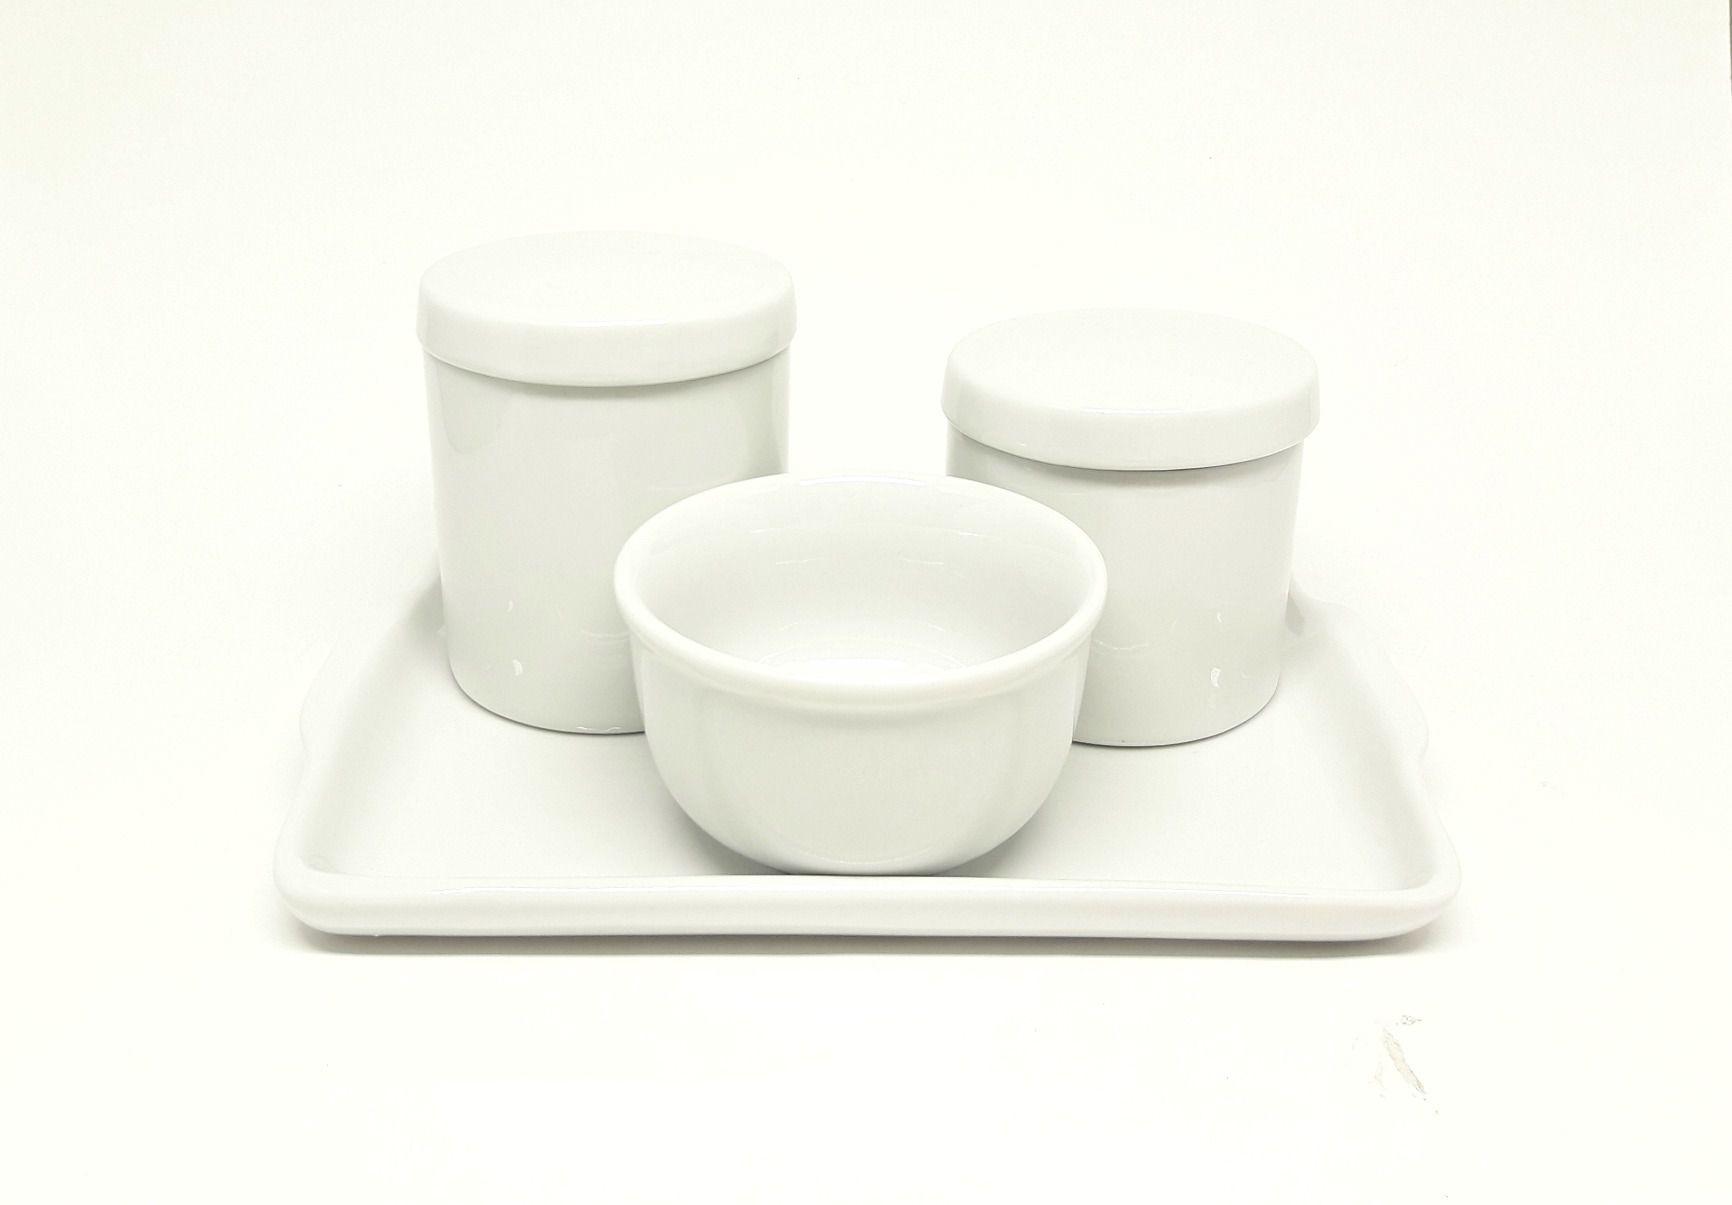 Kit Higiene Bebê Porcelana Branca de 3 peças com Bandeja